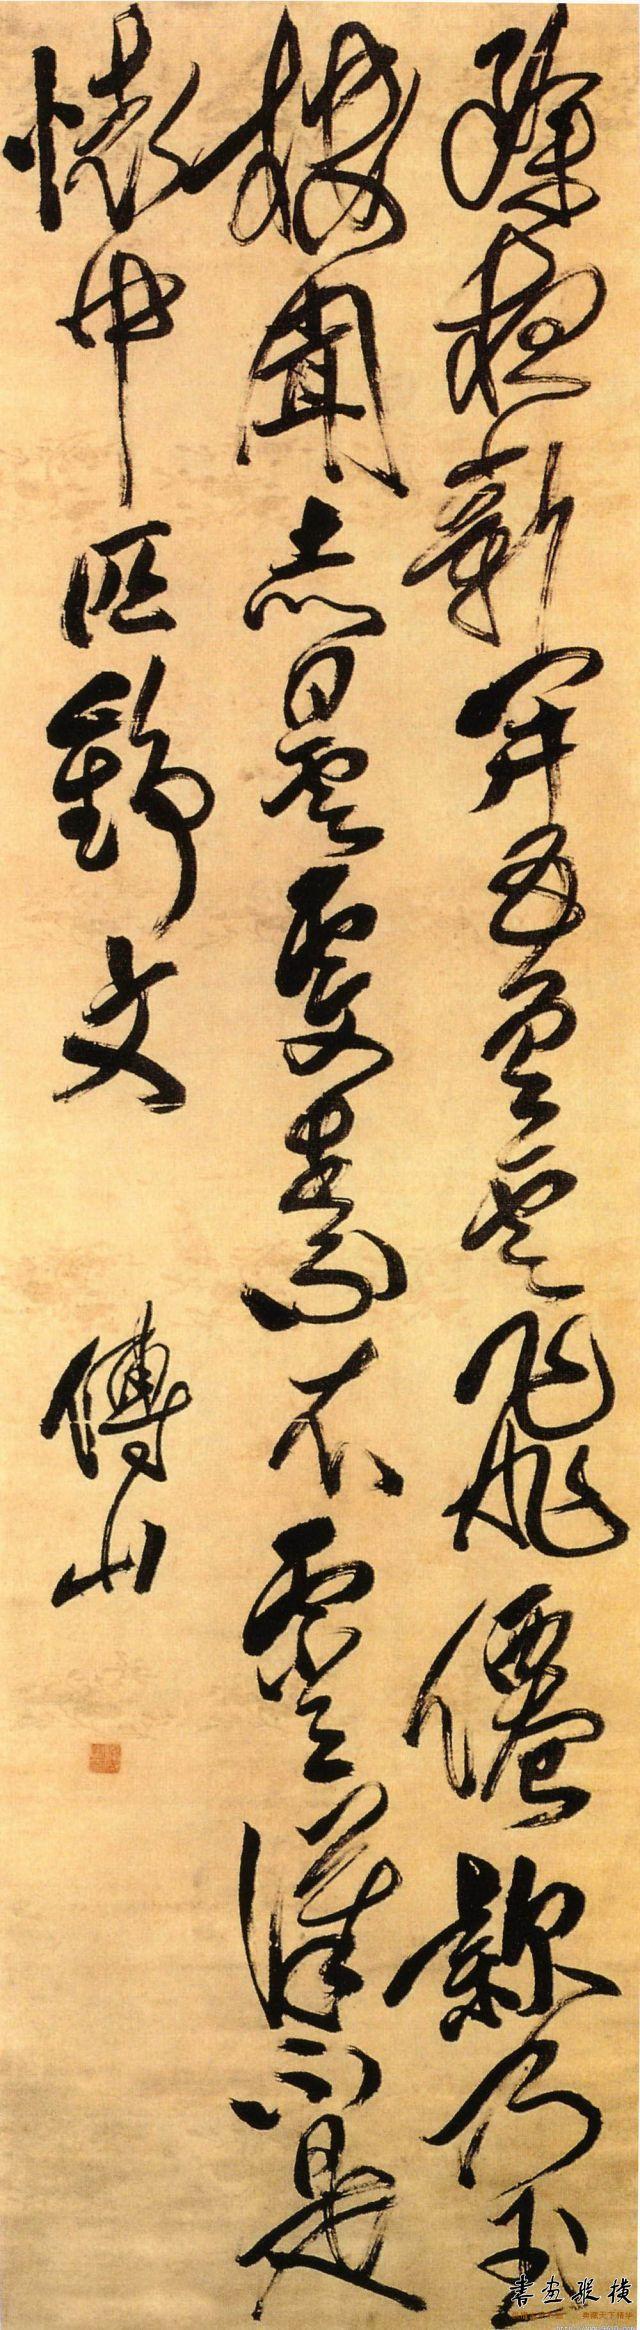 傅山《行草七言诗》轴 ,花绫本,行草书。纵182.9厘米,横50.8厘米,故宫博物馆藏